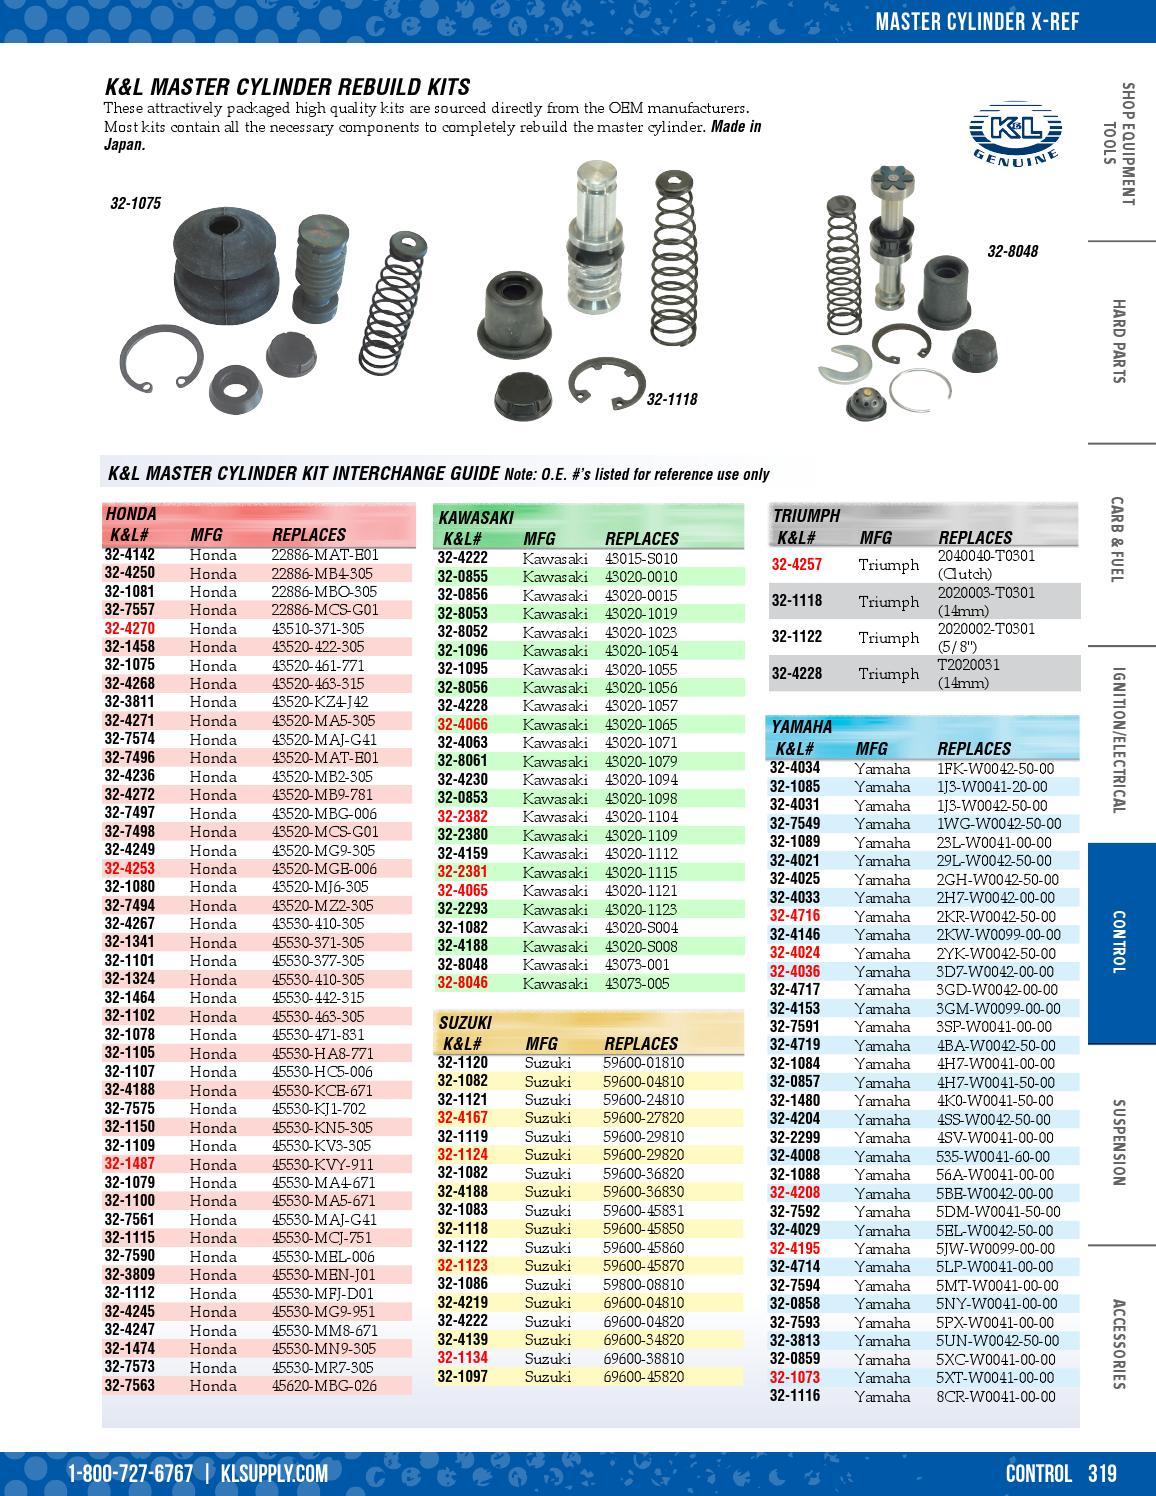 32-4230 Master Cylinder Rebuild Kit~ K/&L Supply